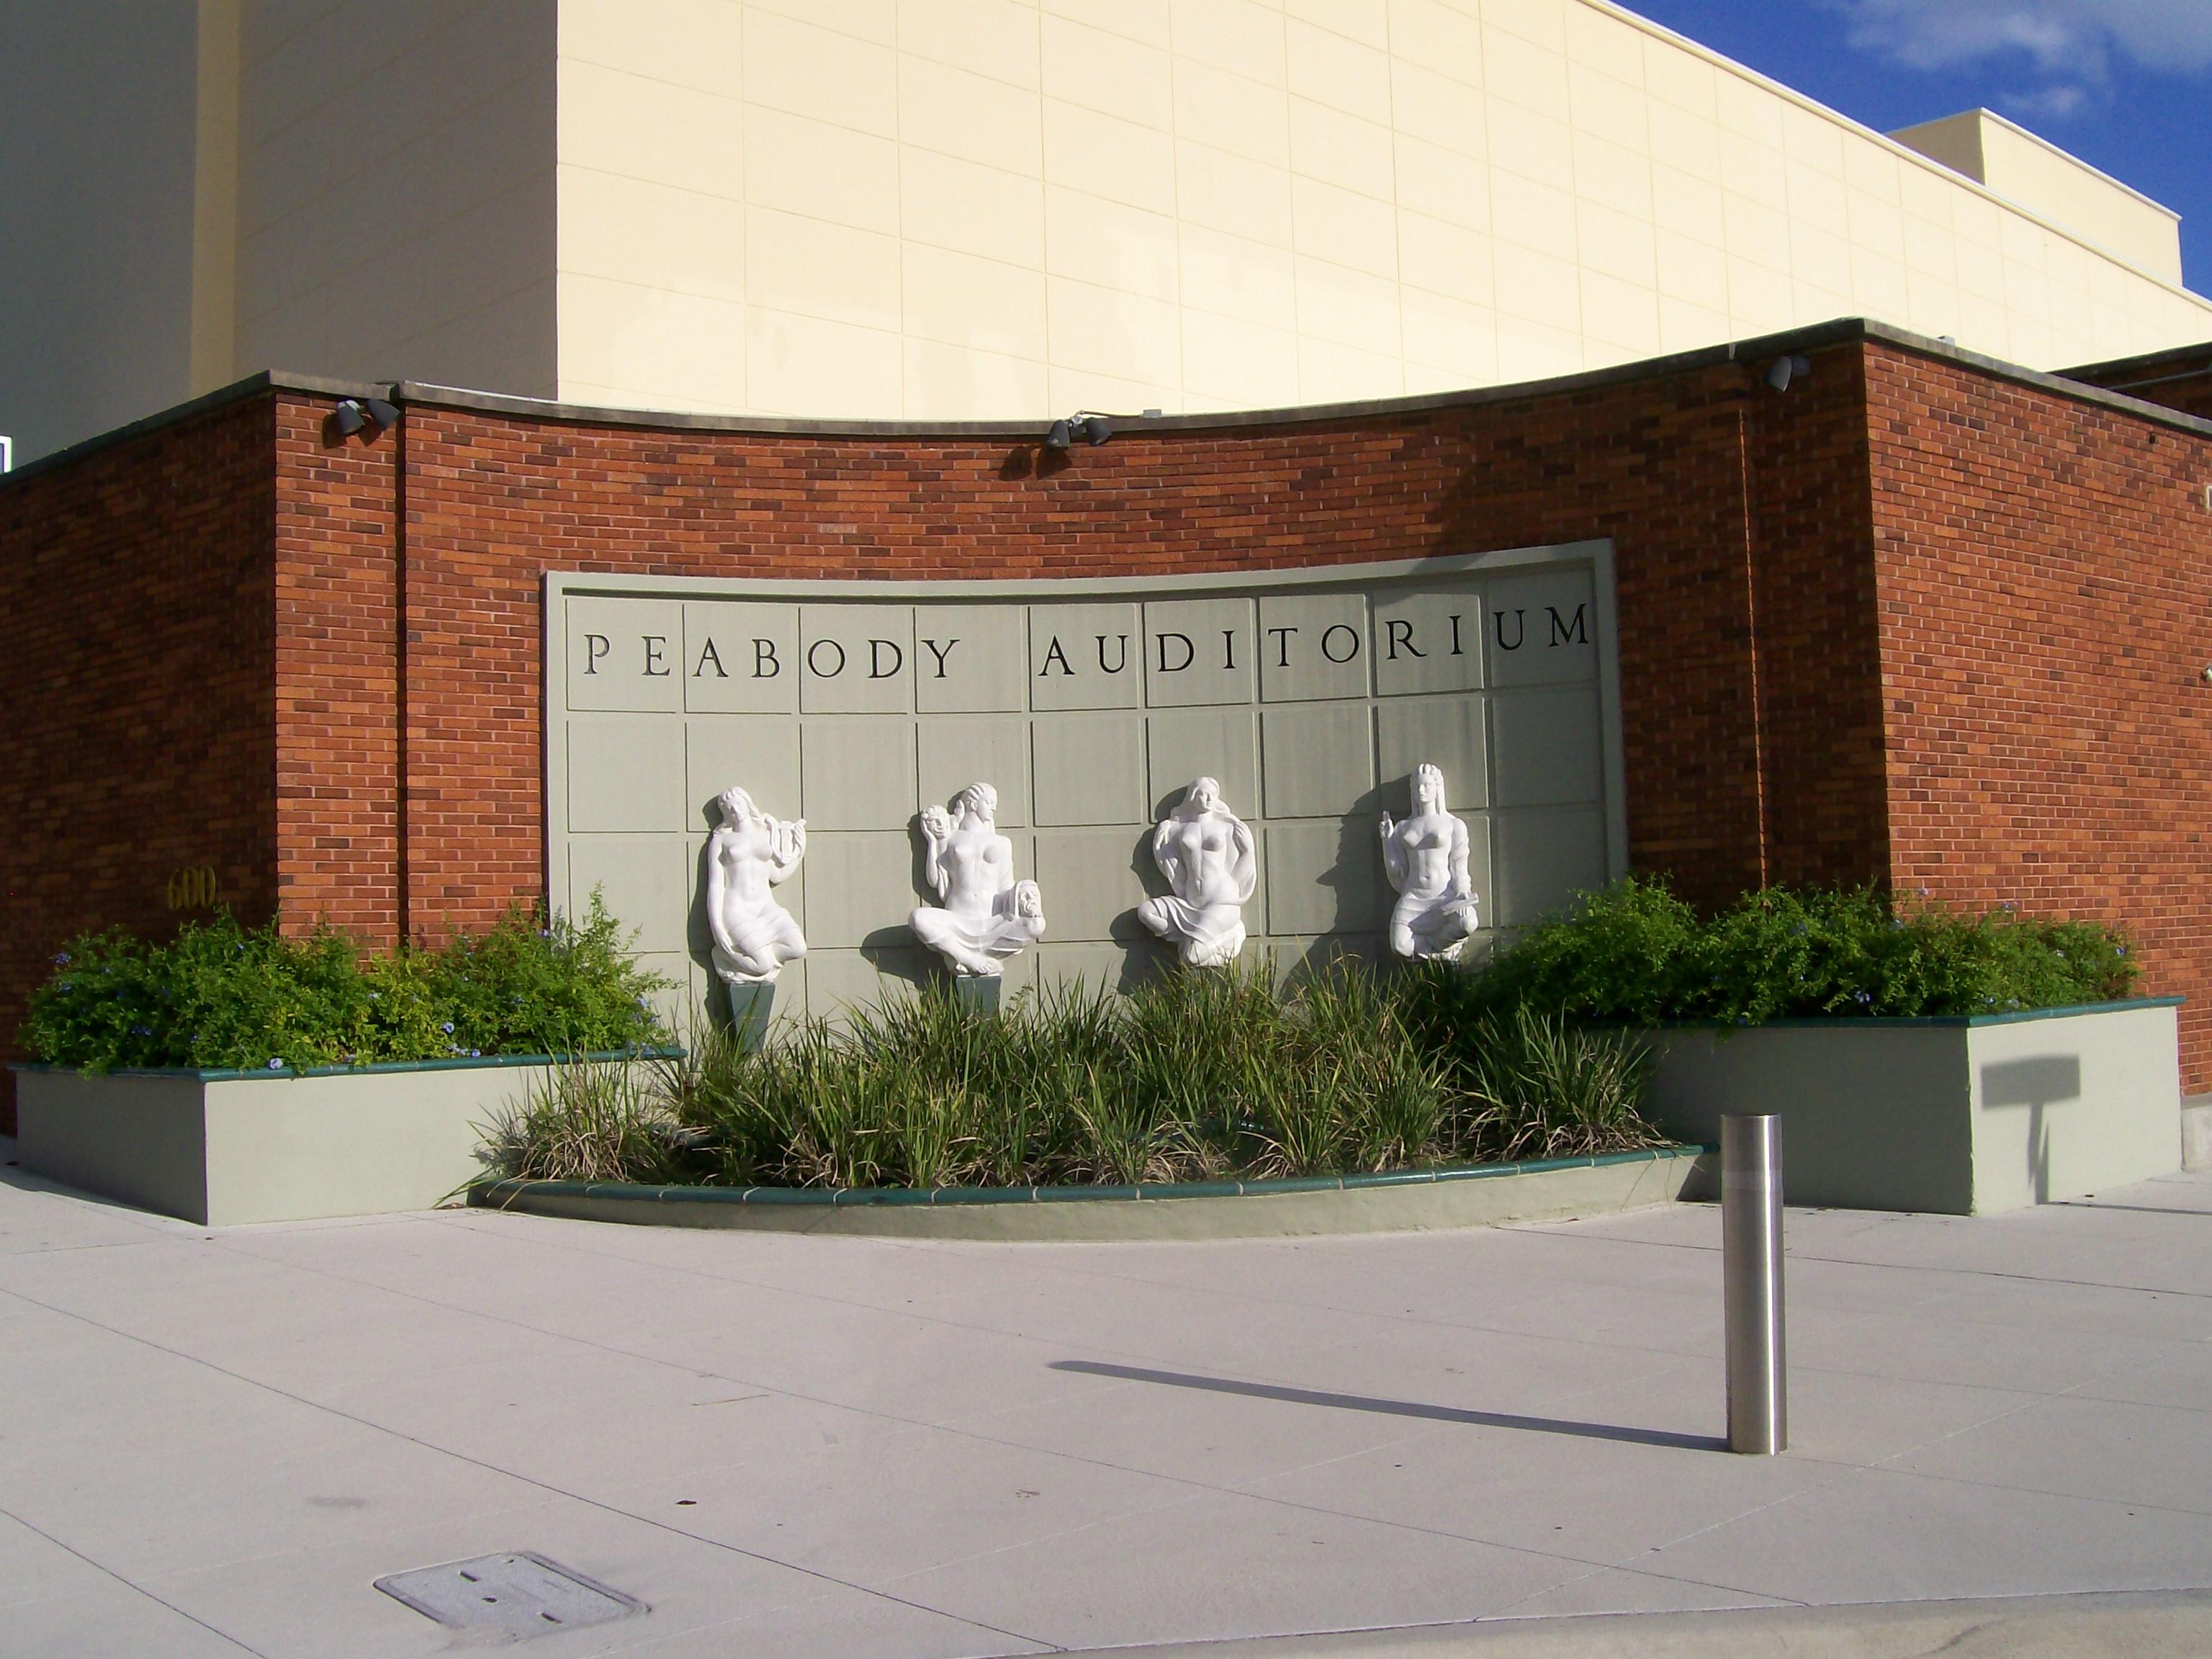 Peabody Auditorium Dodaytona Daytona Beach Performing